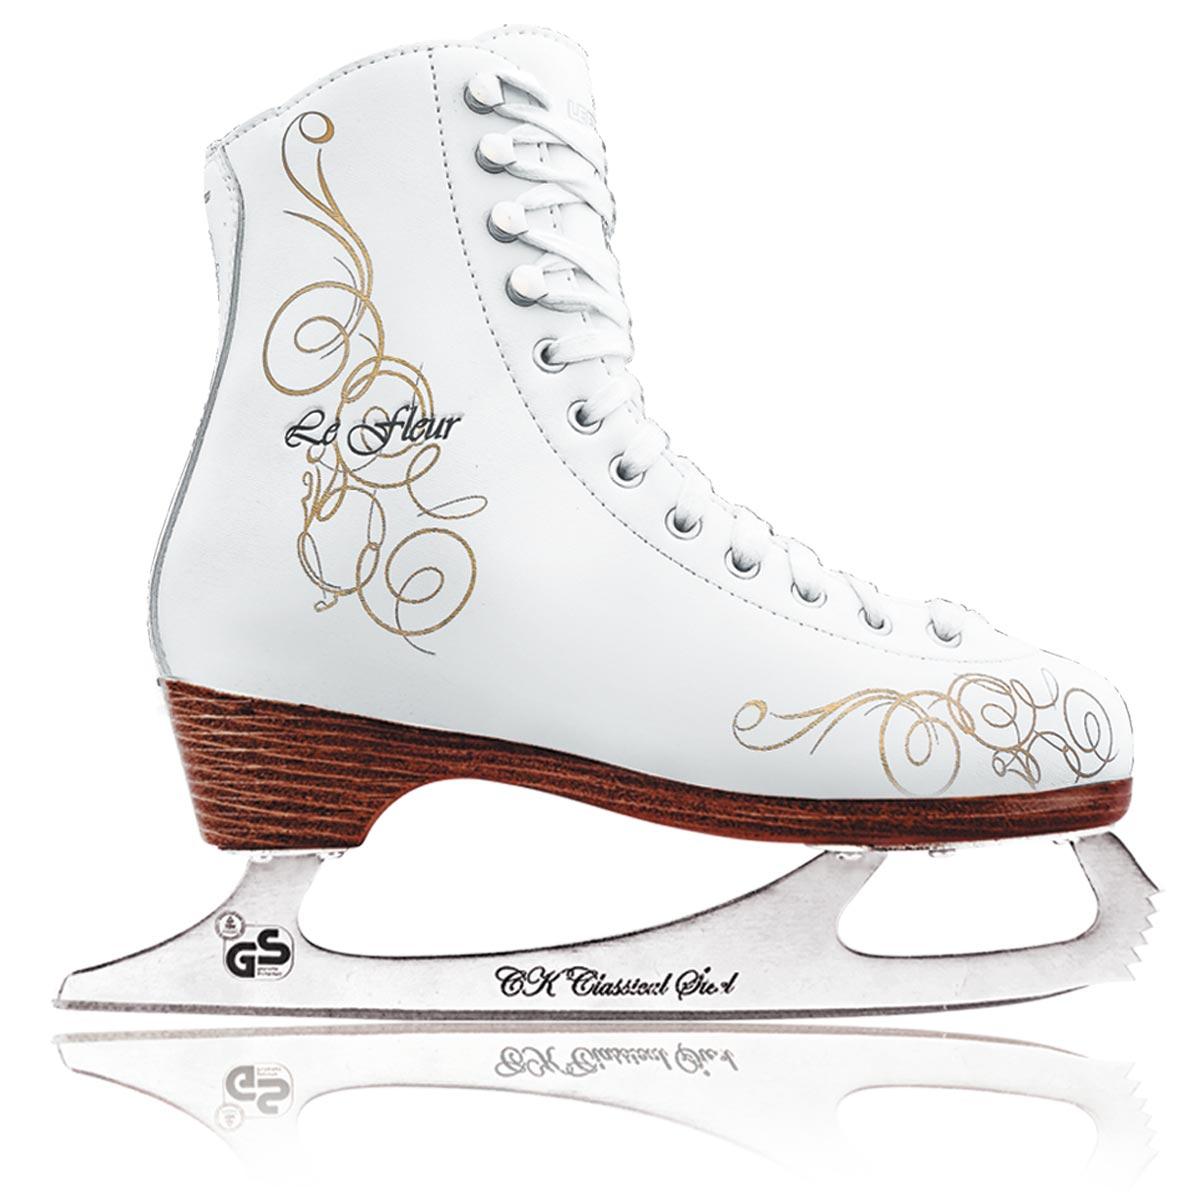 Коньки фигурные для девочки СК Le Fleur Leather 50/50, цвет: белый, золотой. Размер 34LE FLEUR leather 50/50_белый, золотой_34